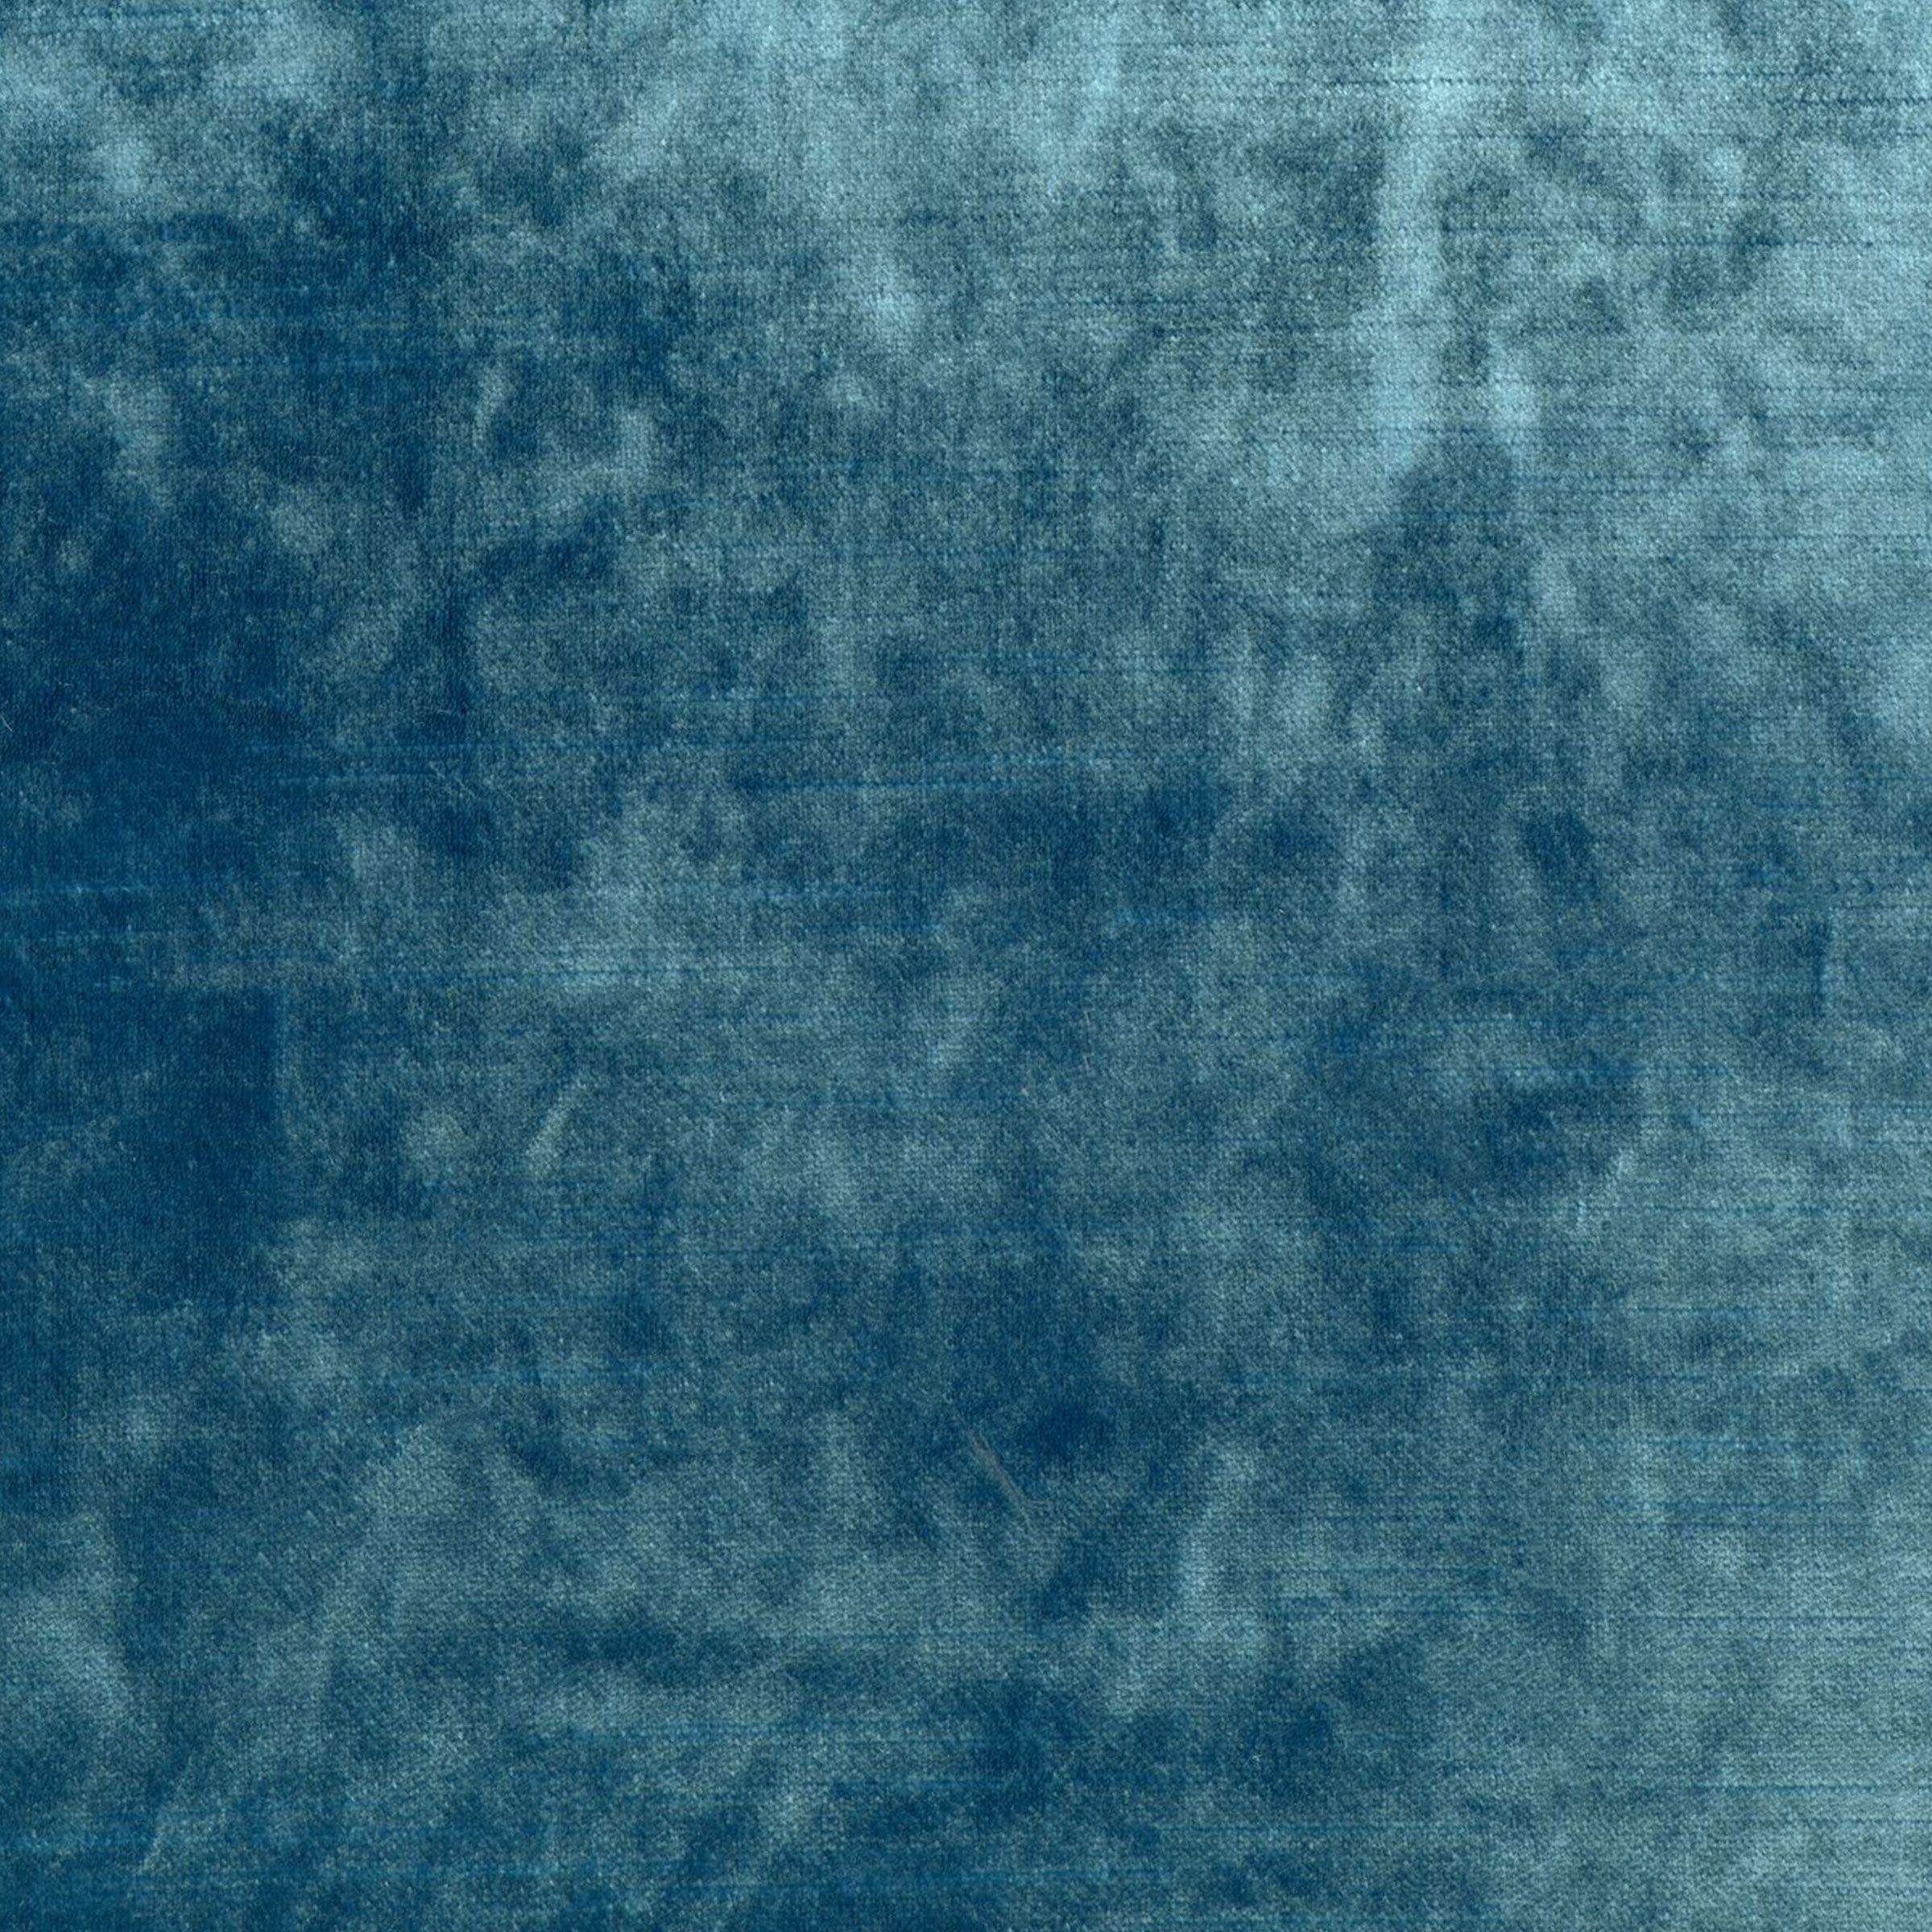 B9532 Peacock Greenhouse Fabrics Velvet Upholstery Fabric Upholstery Fabric